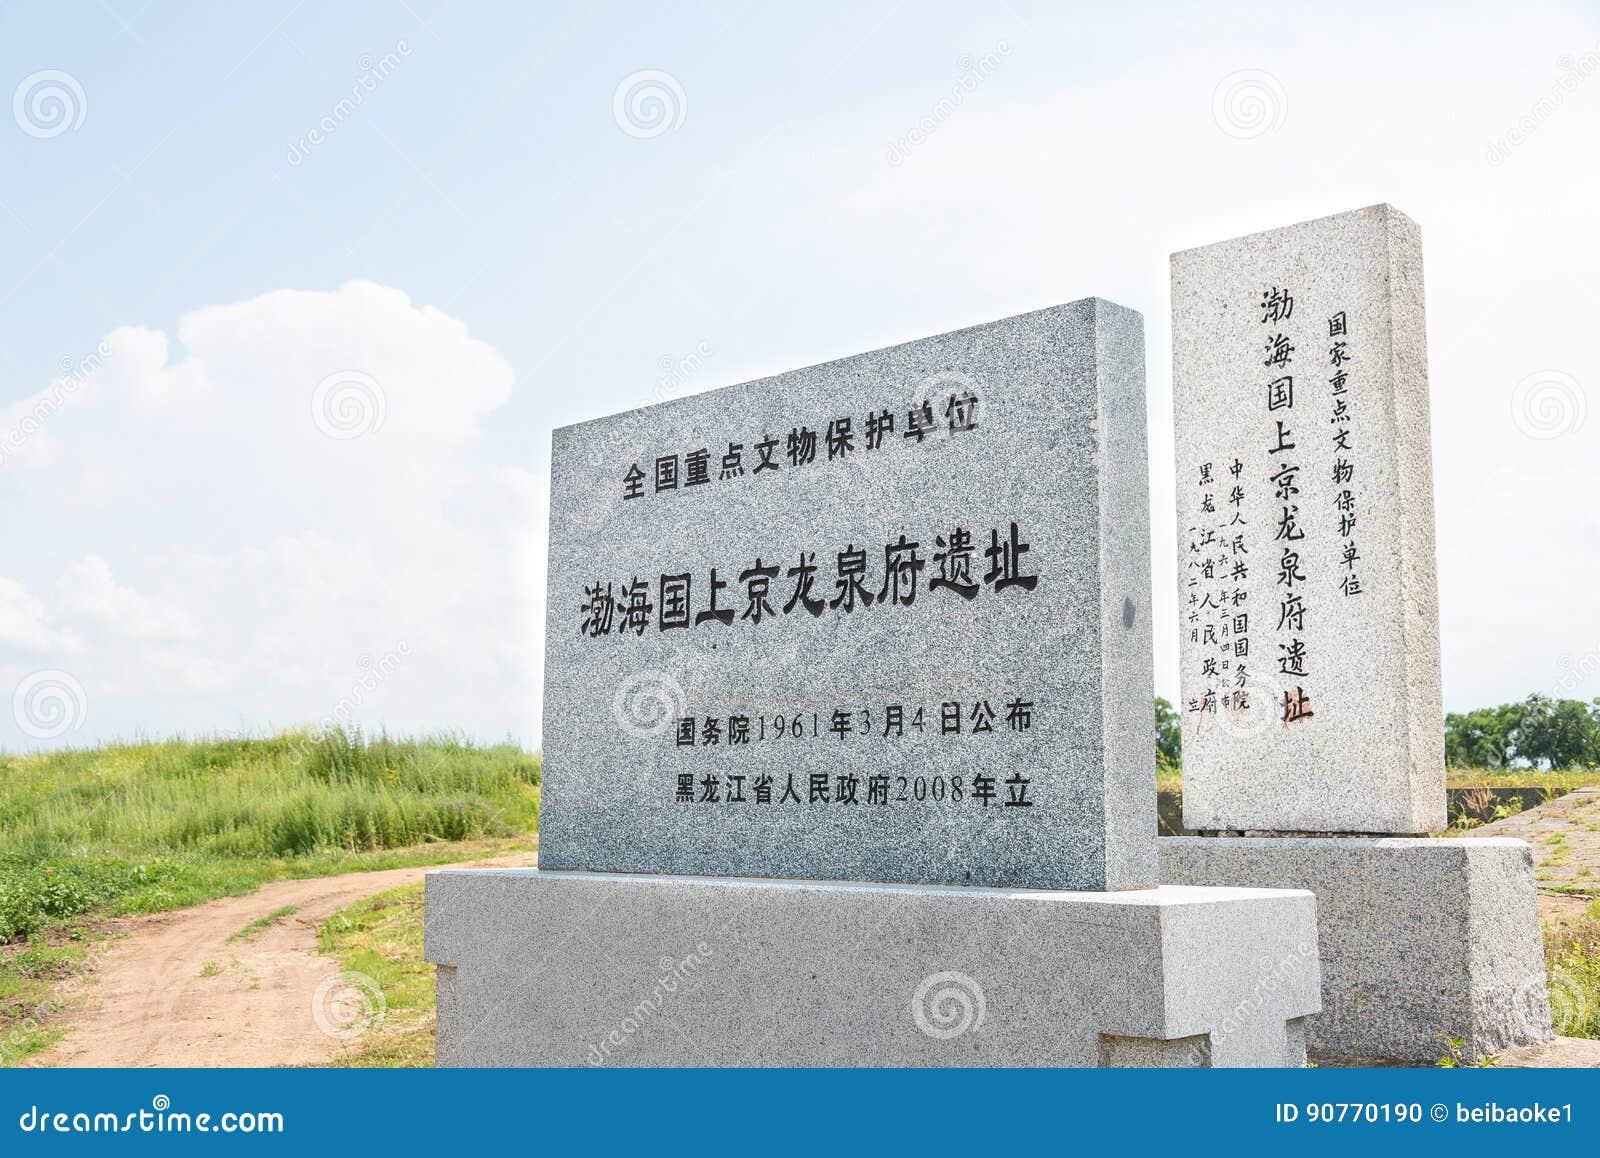 HEILONGJIANG, CHINE - 23 juillet 2015 : Monument de Shangjing Longqua